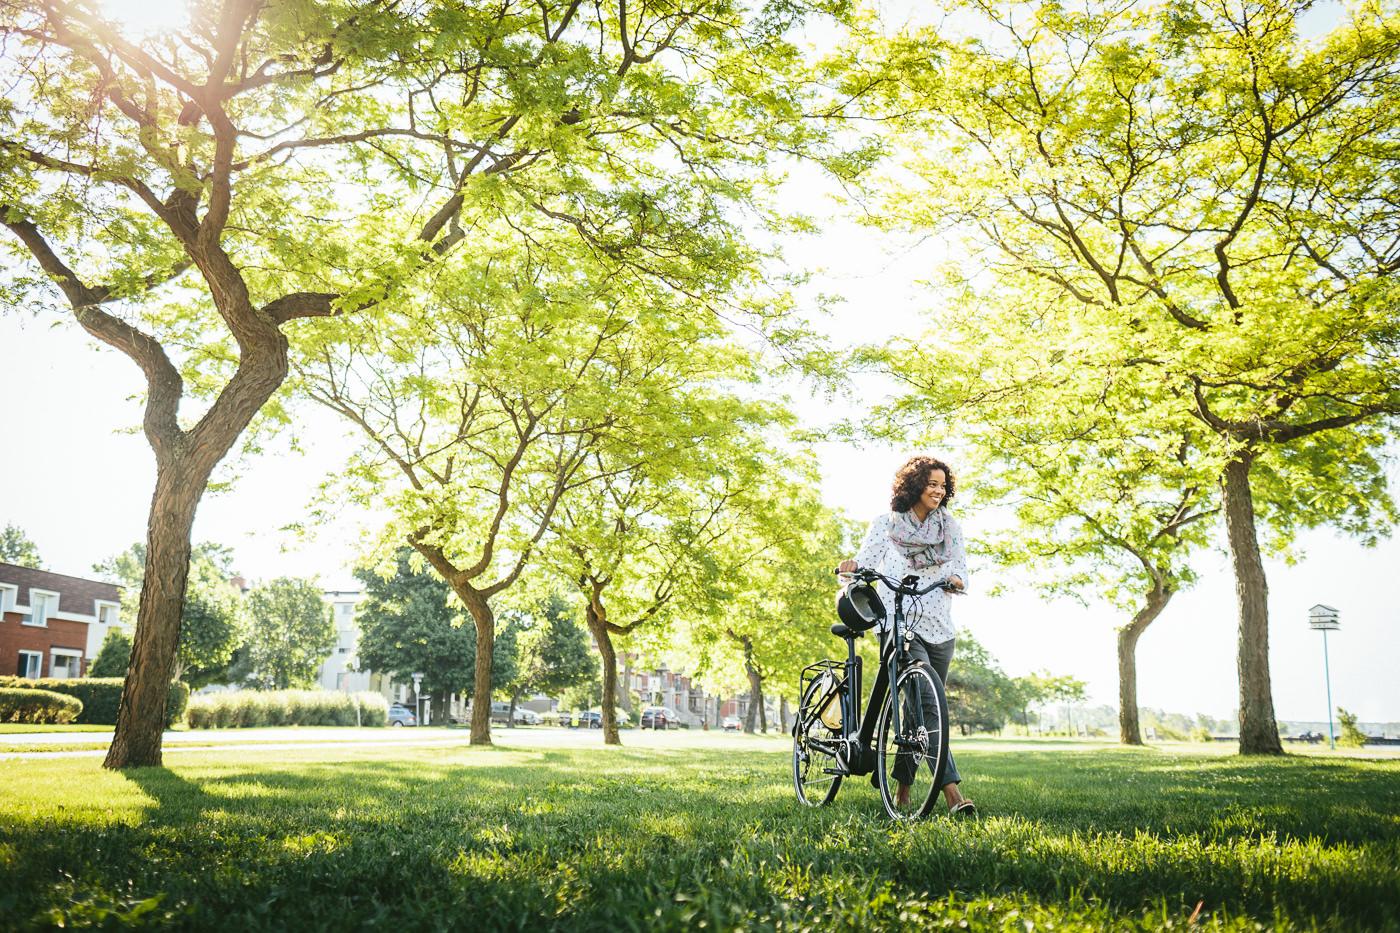 Vélos Opus Bike urbain dans un parc